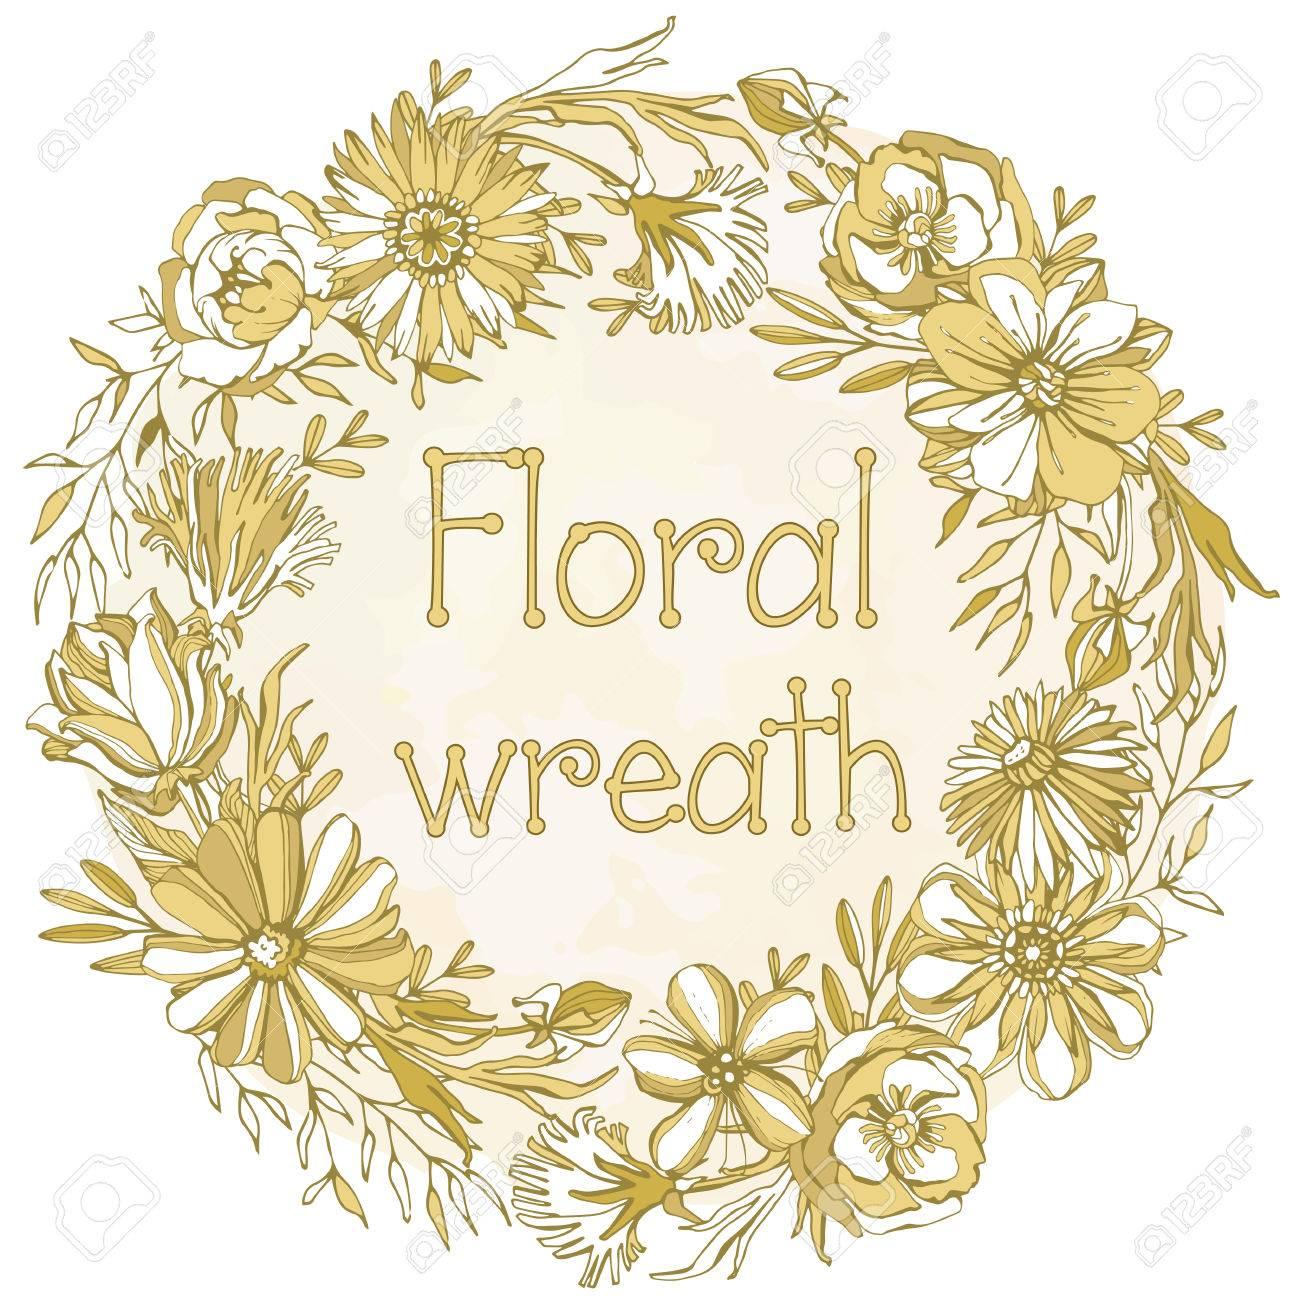 豪華な花の花輪美しい花やかわいい花弁から編まれるゴージャスなゴールド リースの非常に詳細なベクトル画像のイラスト